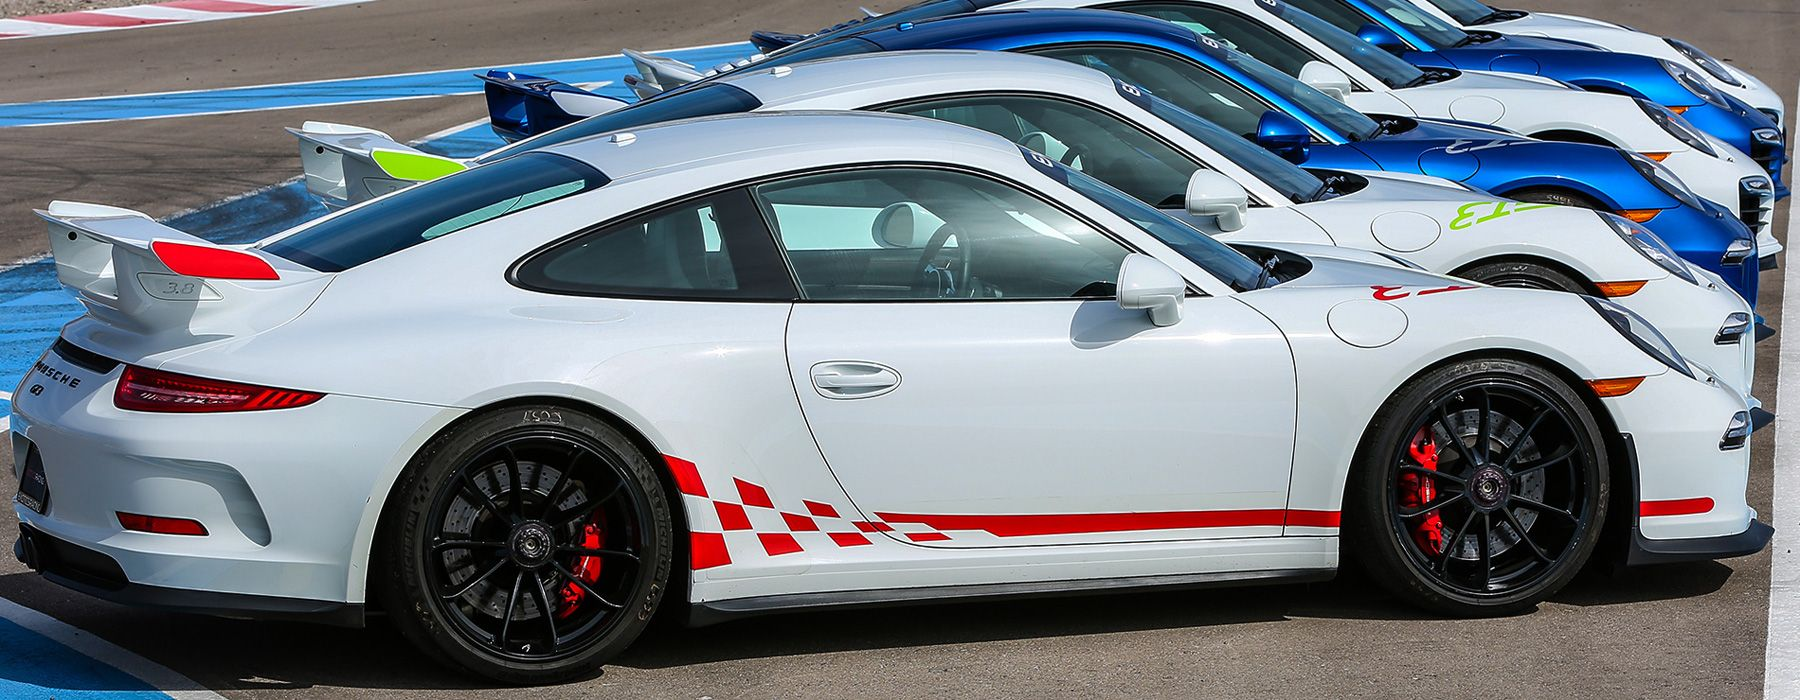 Porsche Fleet